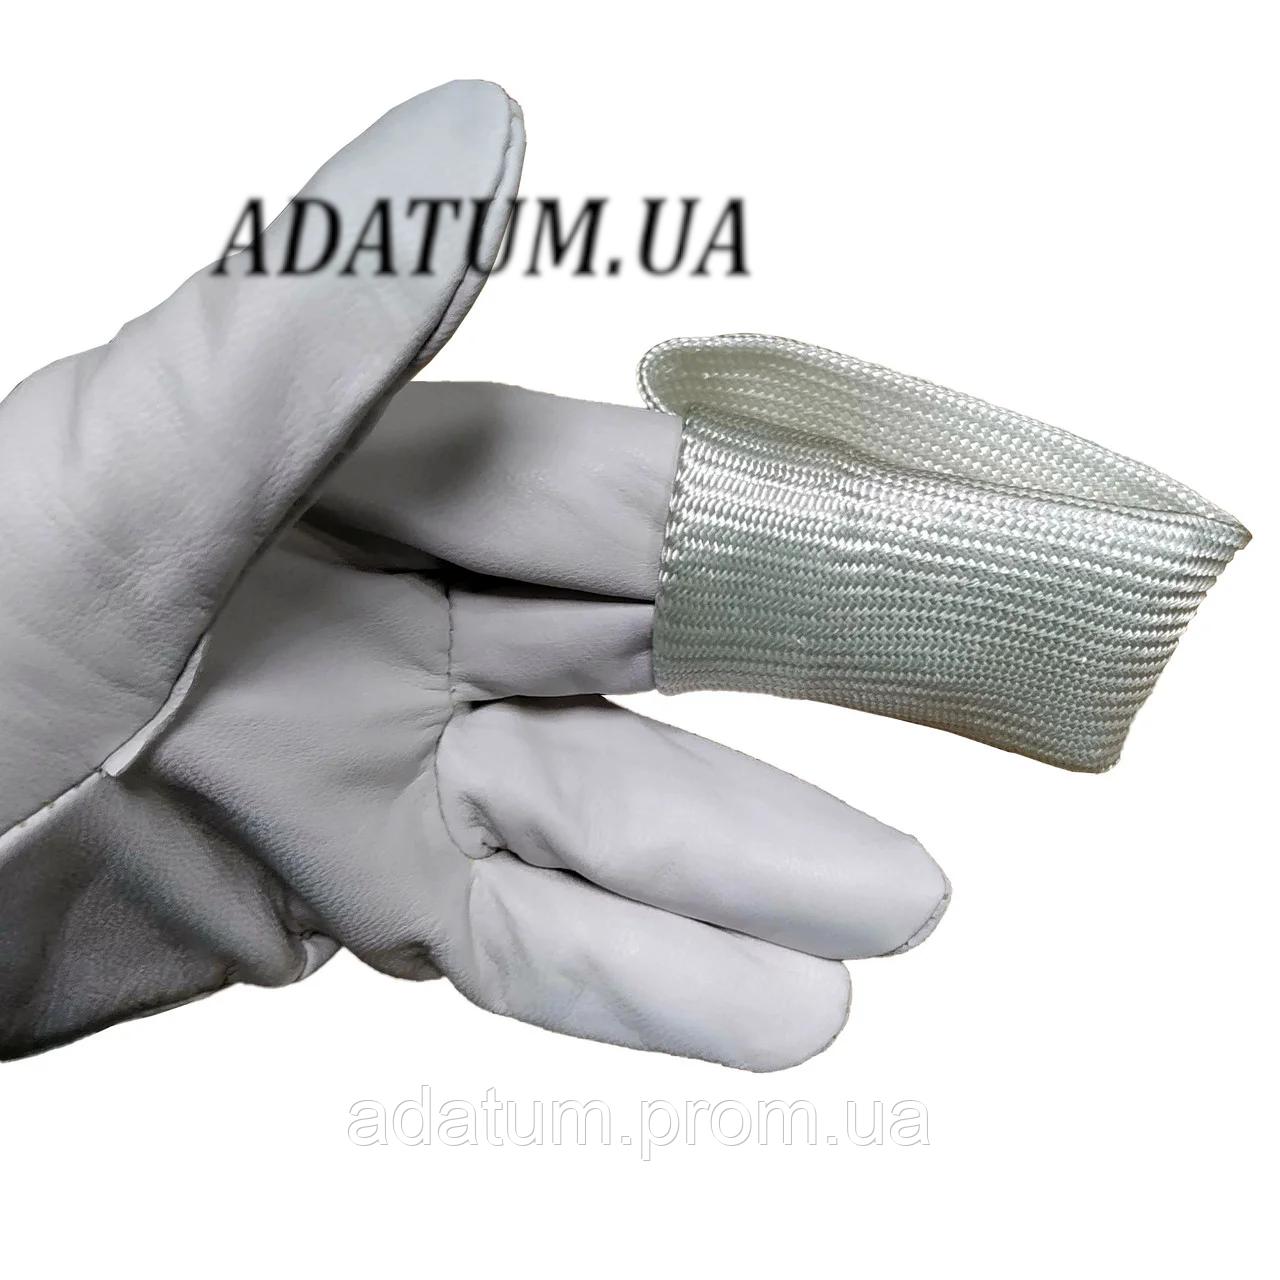 Защита пальцев для аргонодуговой сварки TIG, p. XL